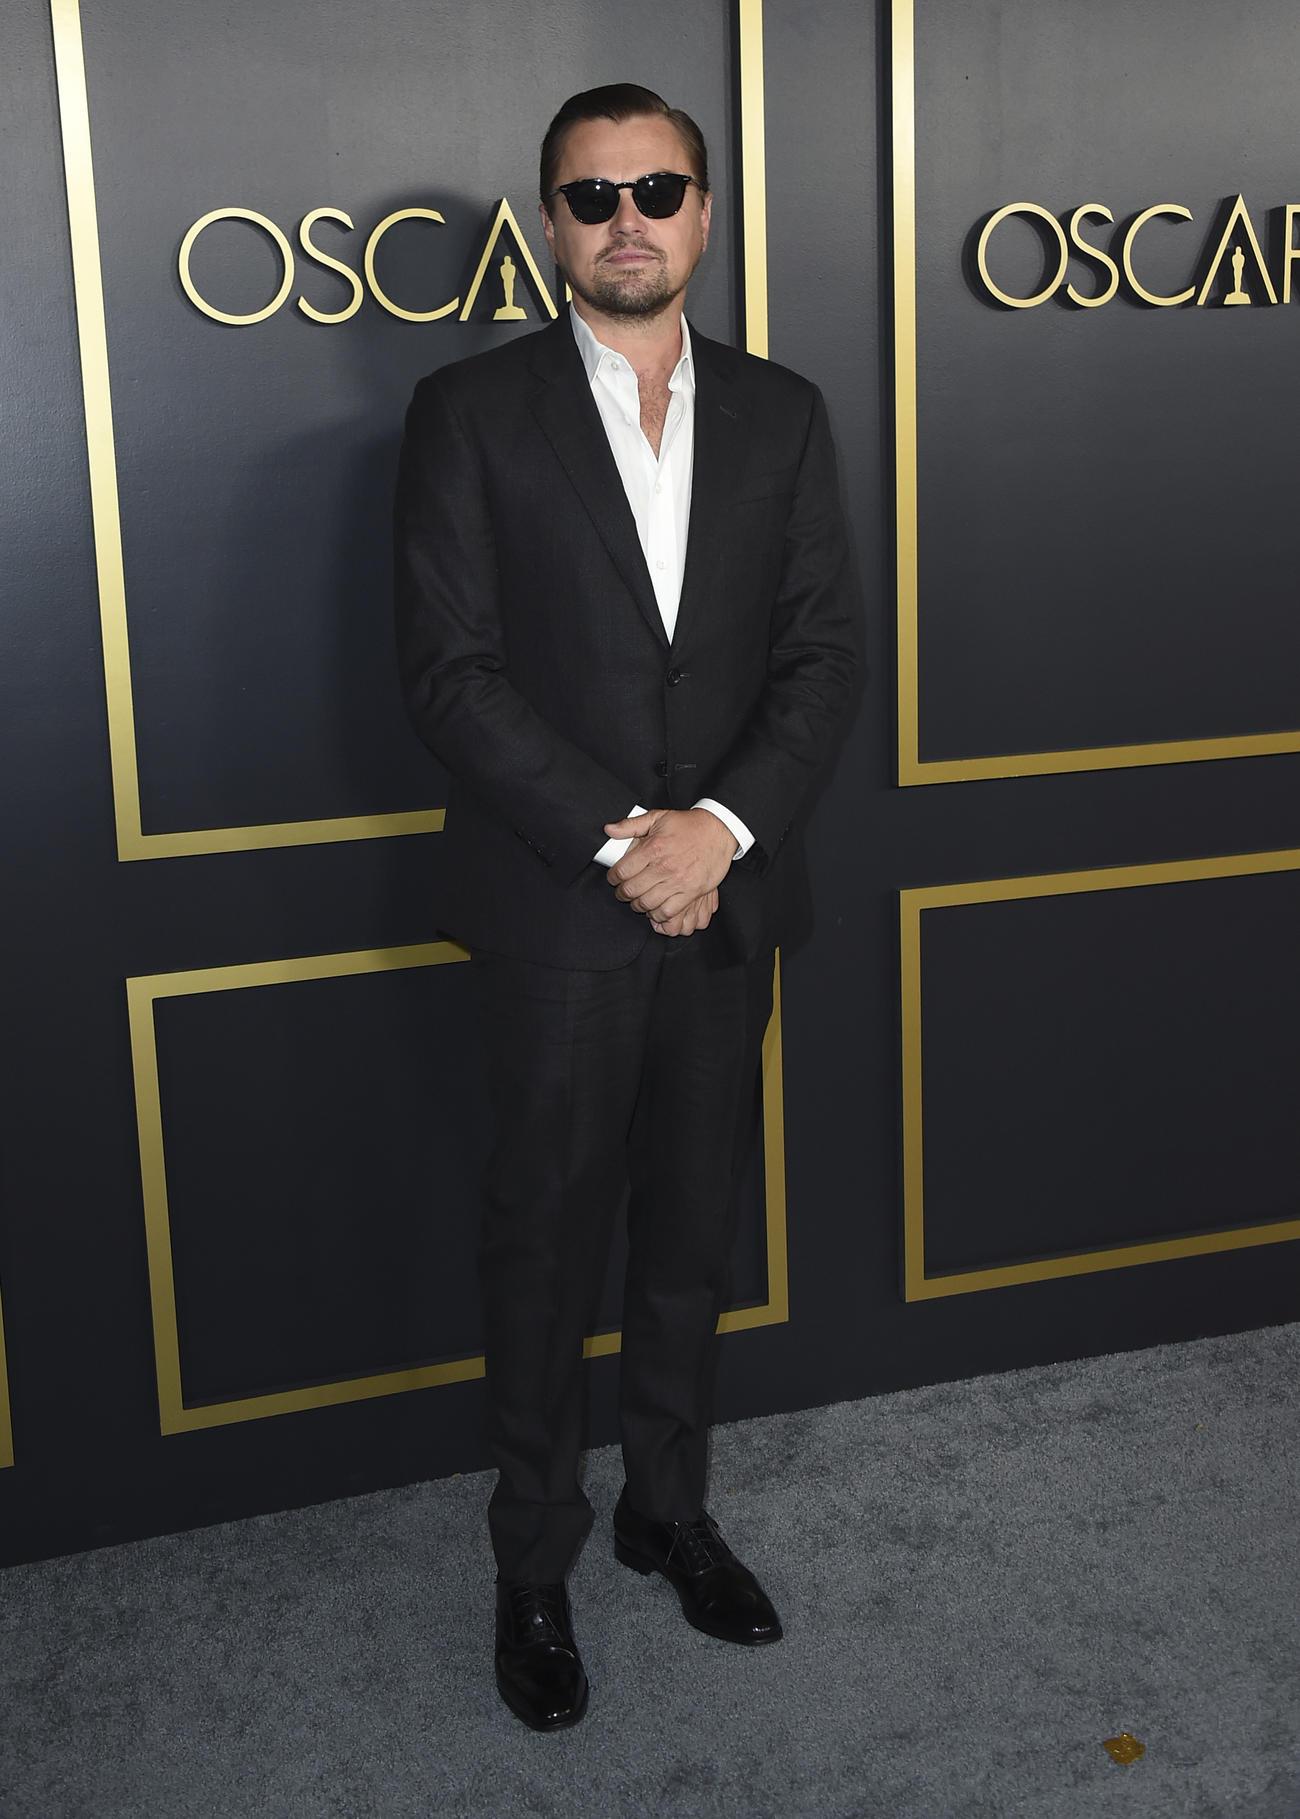 第92回アカデミー賞ノミネートランチョンに到着したレオナルド・ディカプリオ(AP)